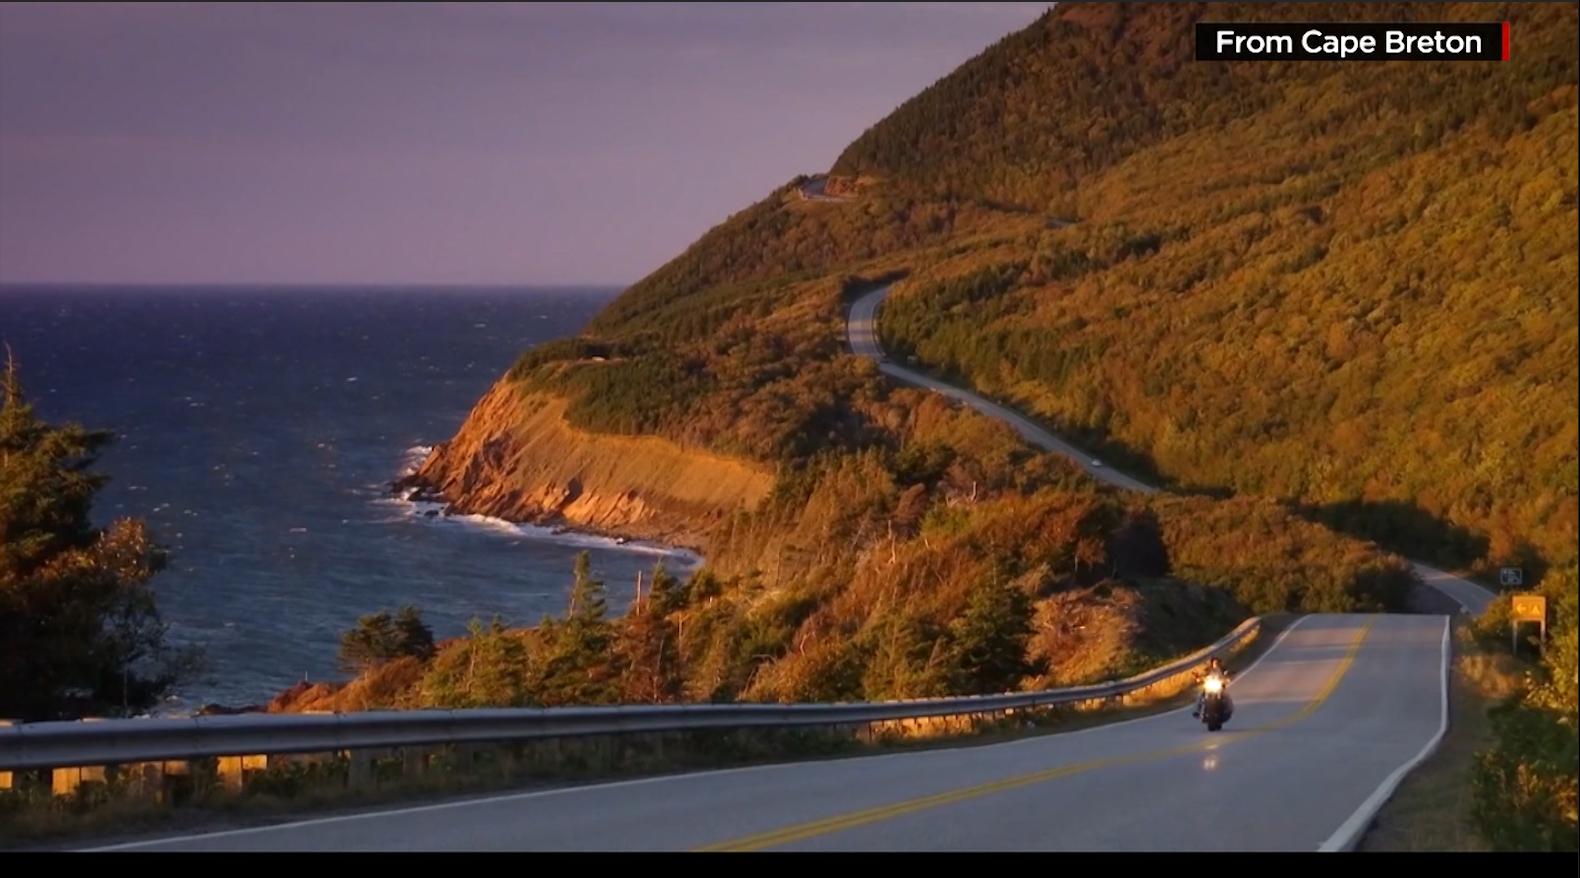 بالفيديو: تعرفوا على جزيرة كيب بريتون بعد دعوة كارهي دونالد ترامب للانتقال إليها